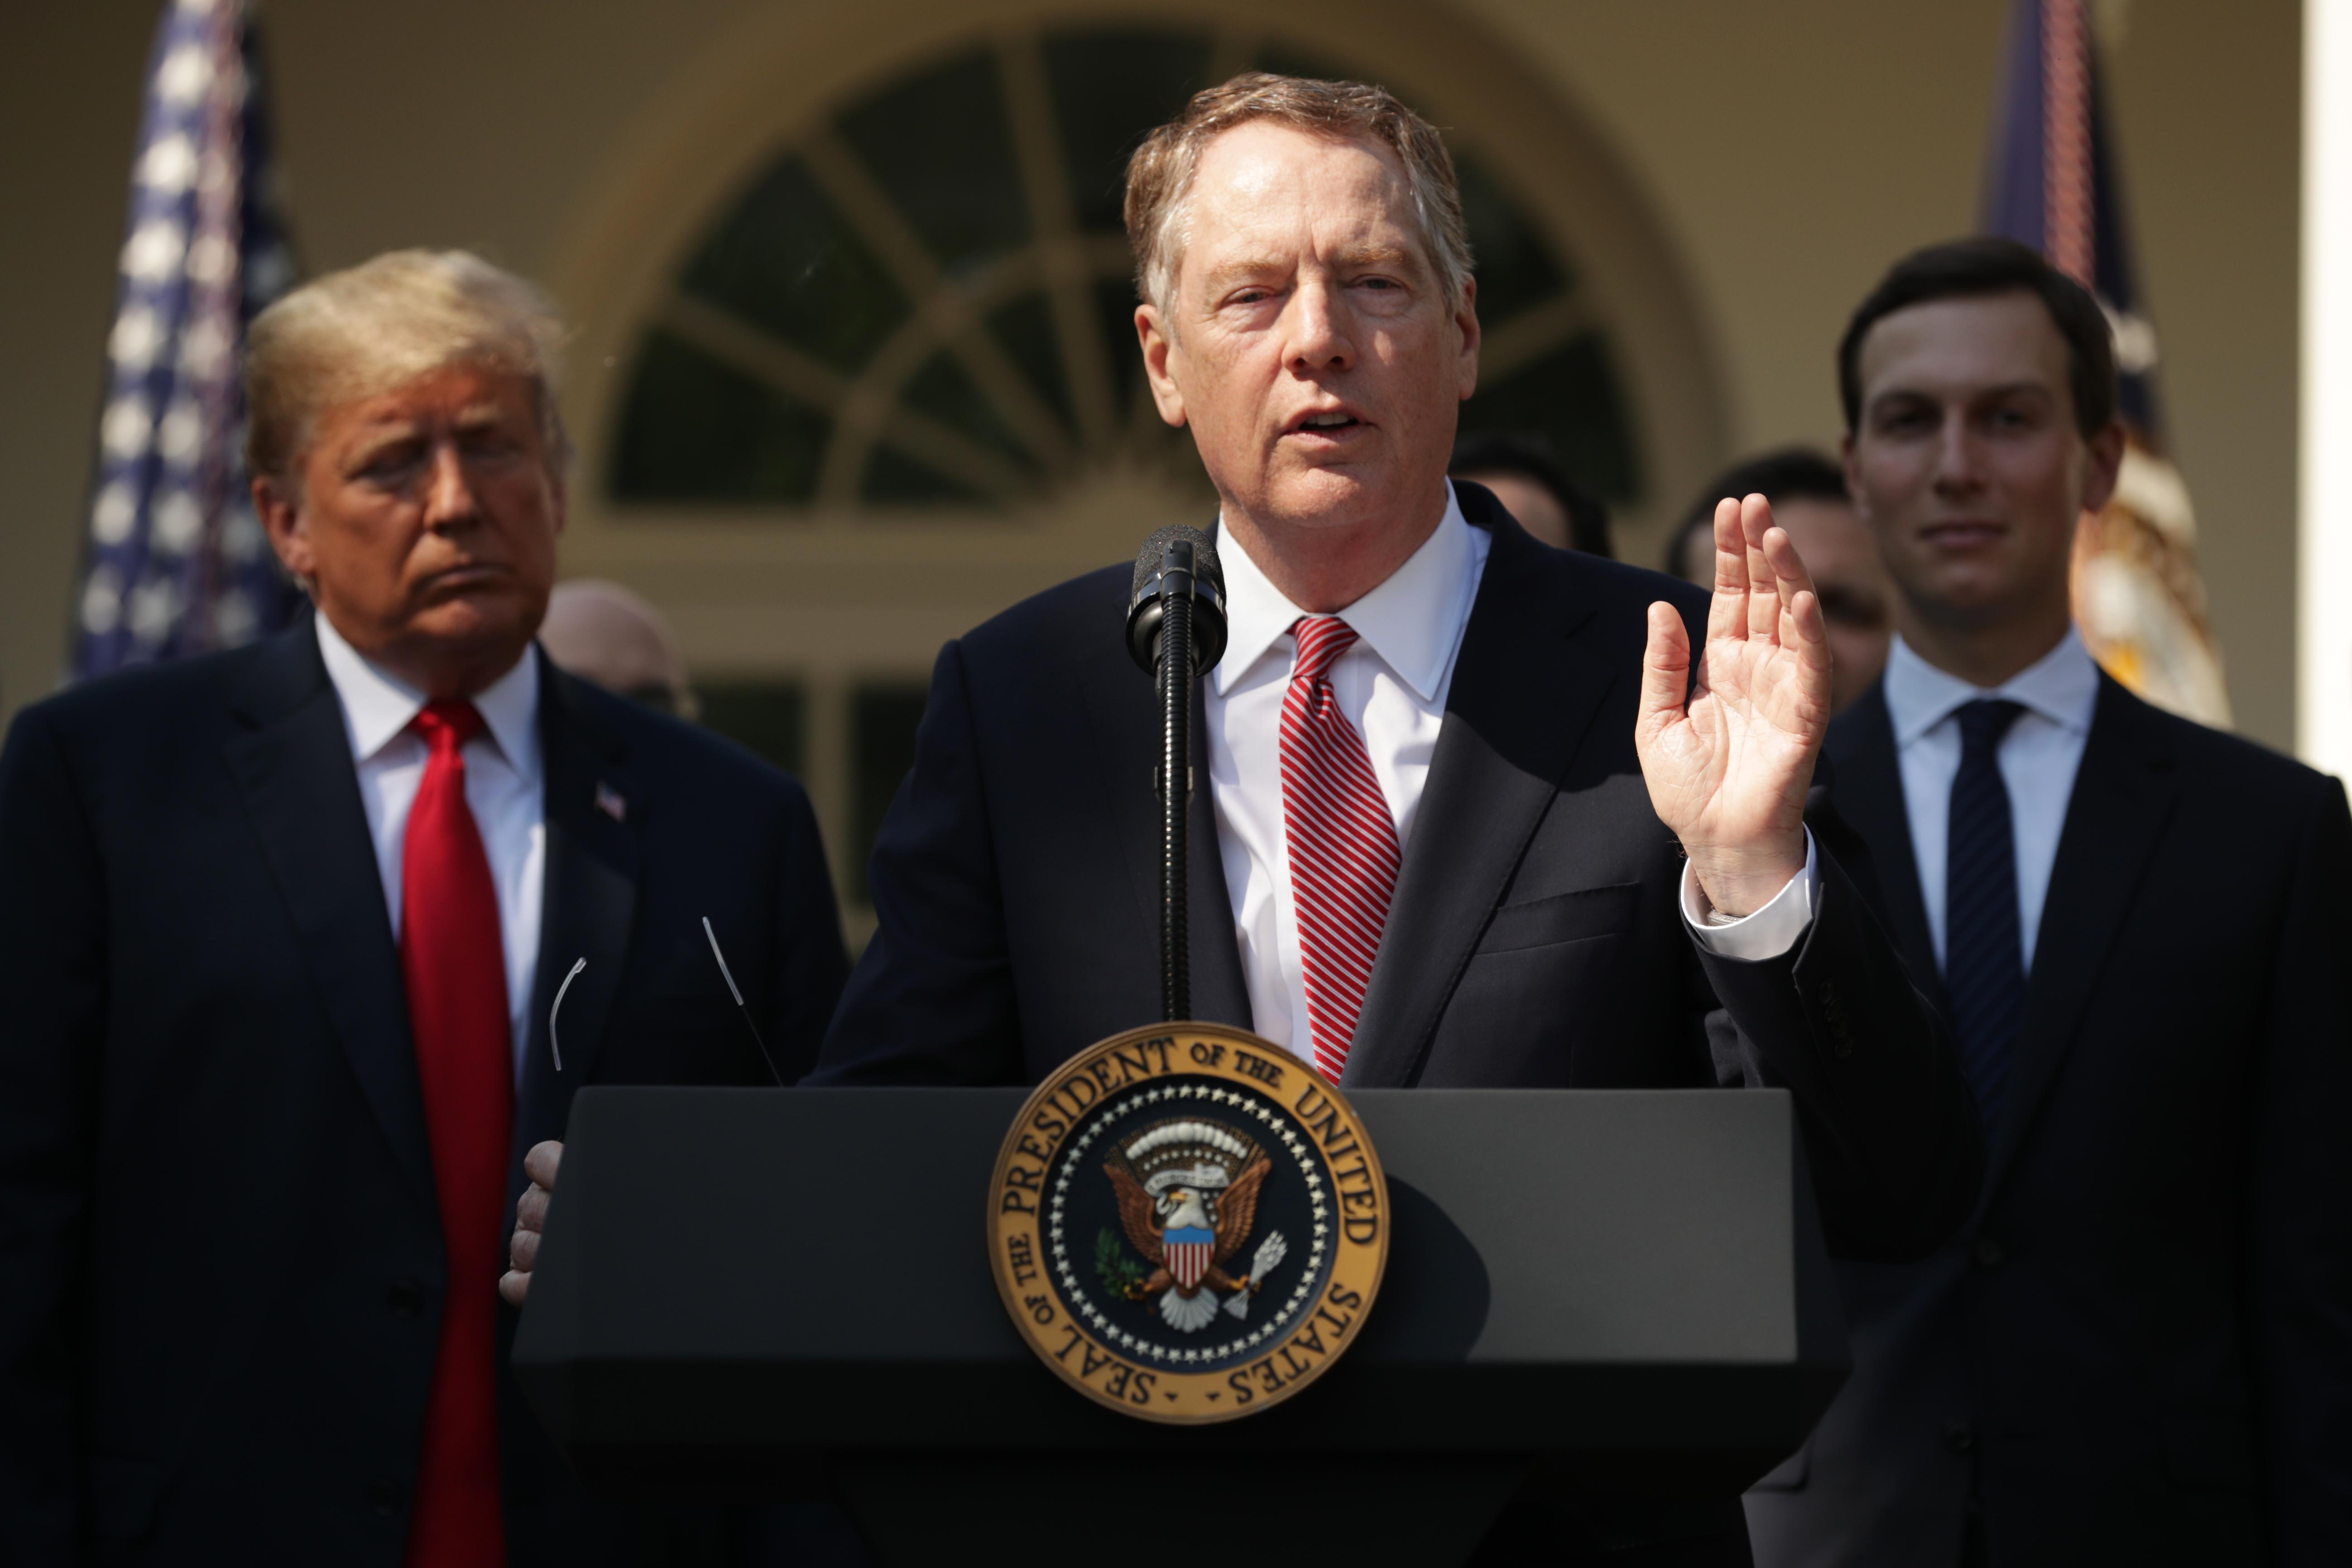 美國貿易代表萊特希澤(Robert Lighthizer,中 )透露特朗普政府對華貿易政策的底線,美國應對中國(中共)最好的籌碼是中國對美國市場的依賴。(Chip Somodevilla/Getty Images)